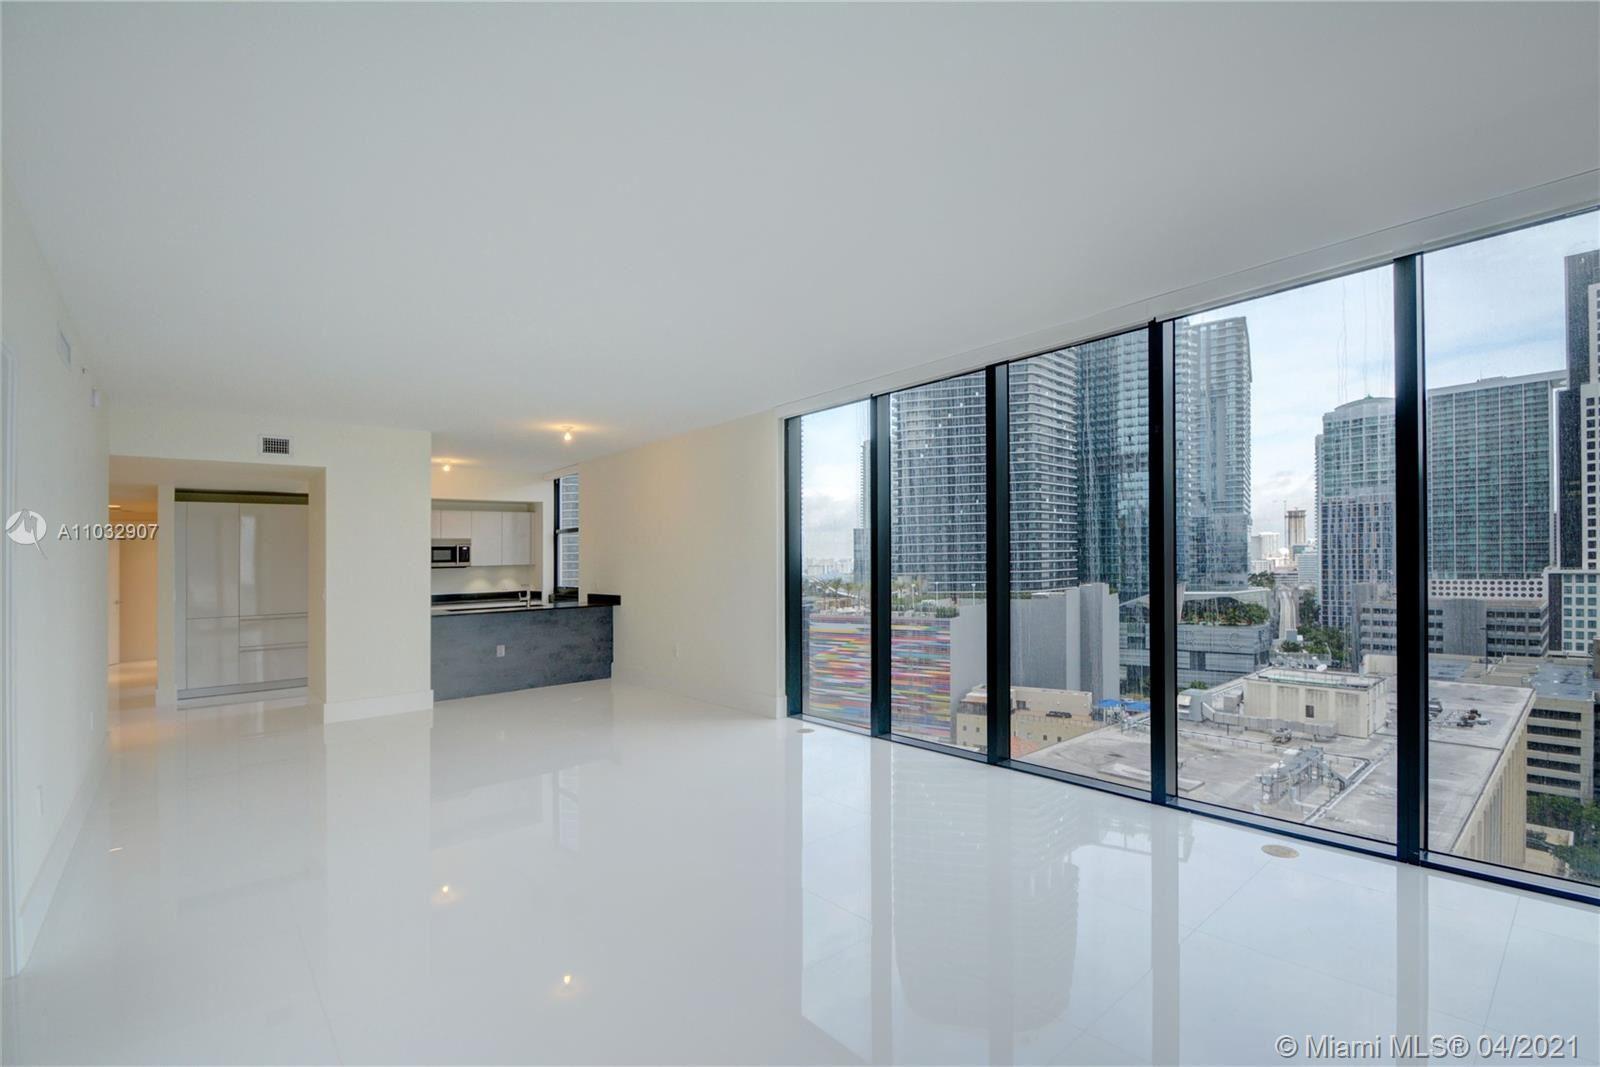 1010 Brickell Ave #1701, Miami, FL 33131 - #: A11032907